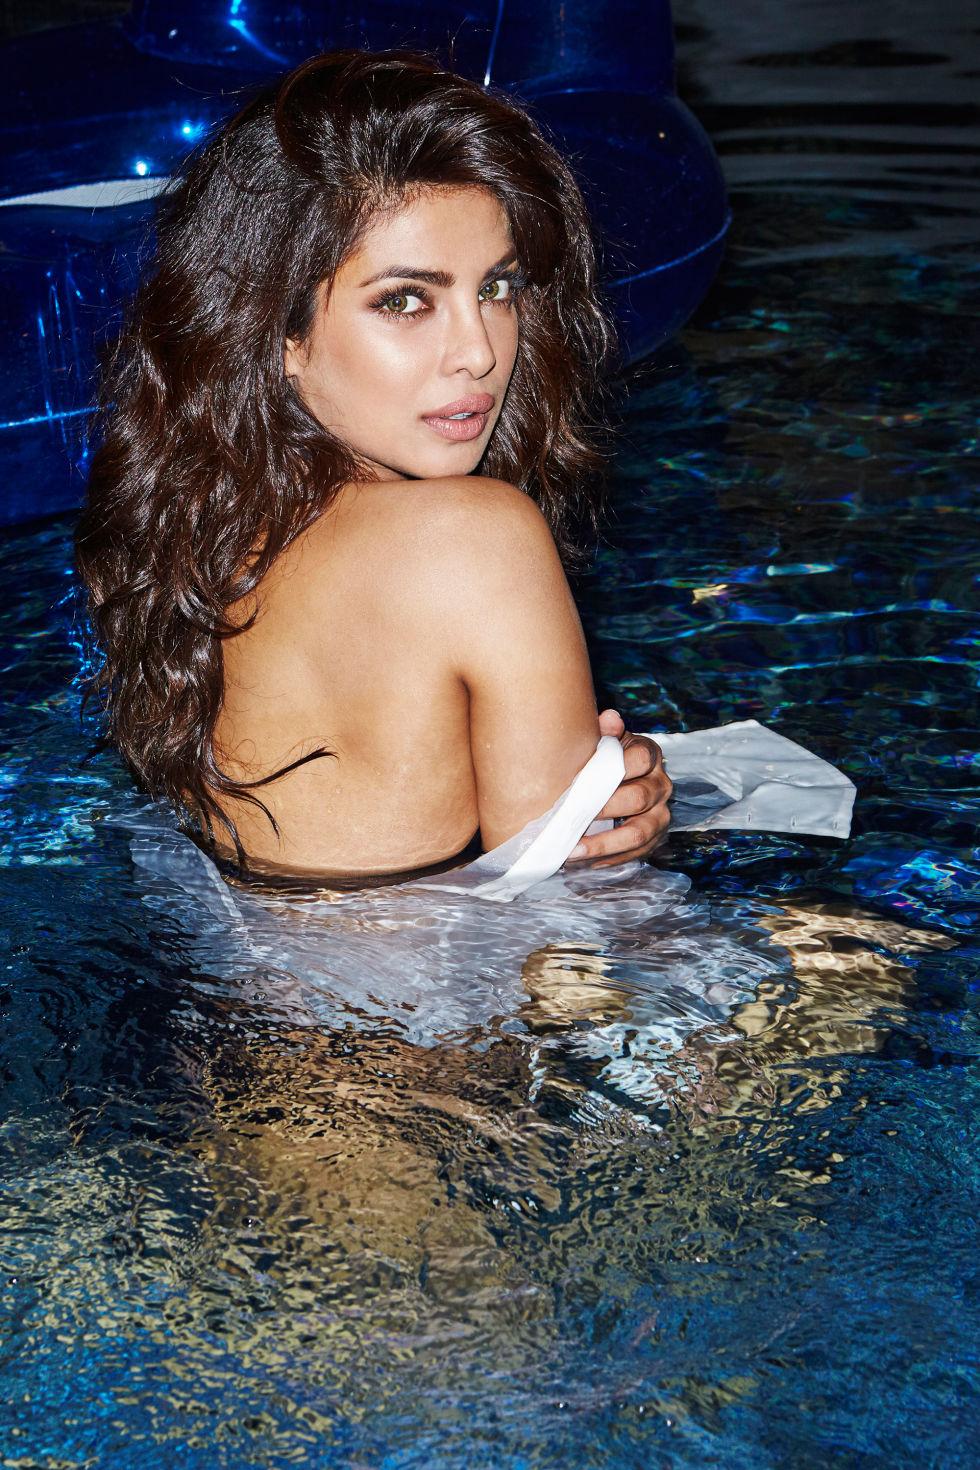 Priyanka Chopra Jonas Images Hd Wallpapers And Photos Bollywood